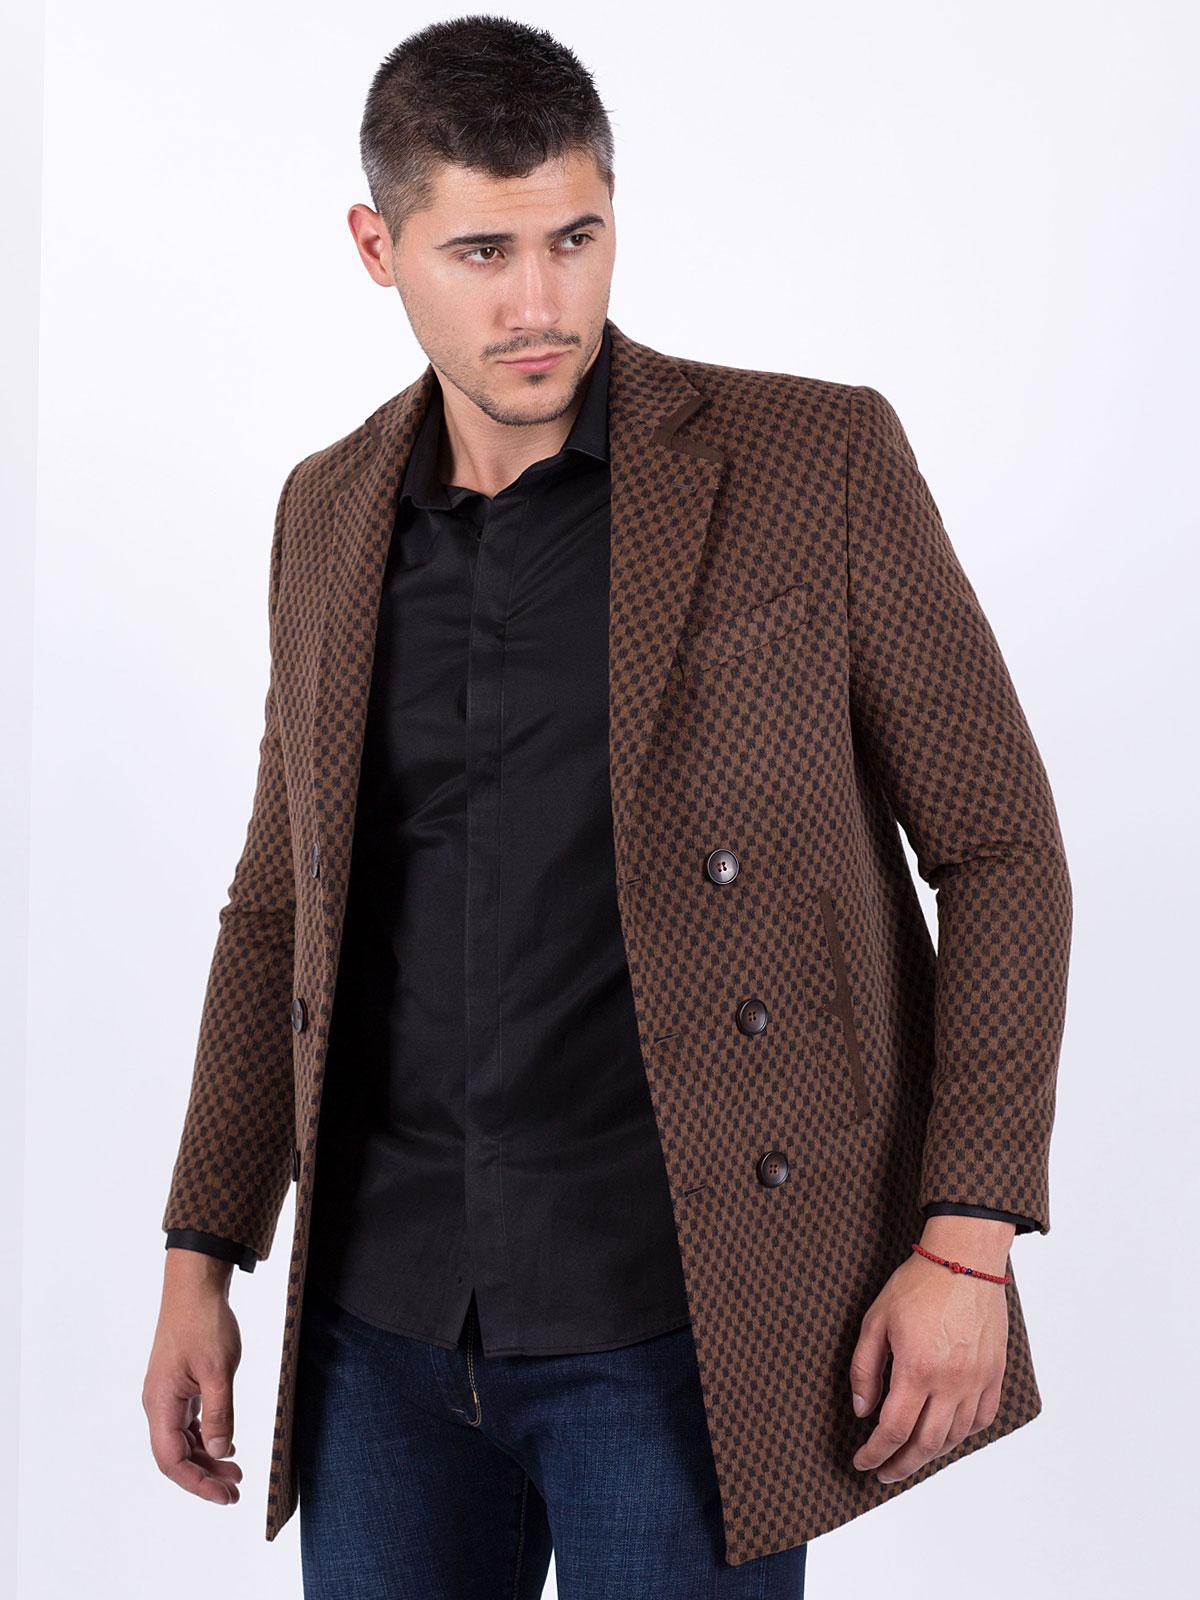 Късо мъжко палто